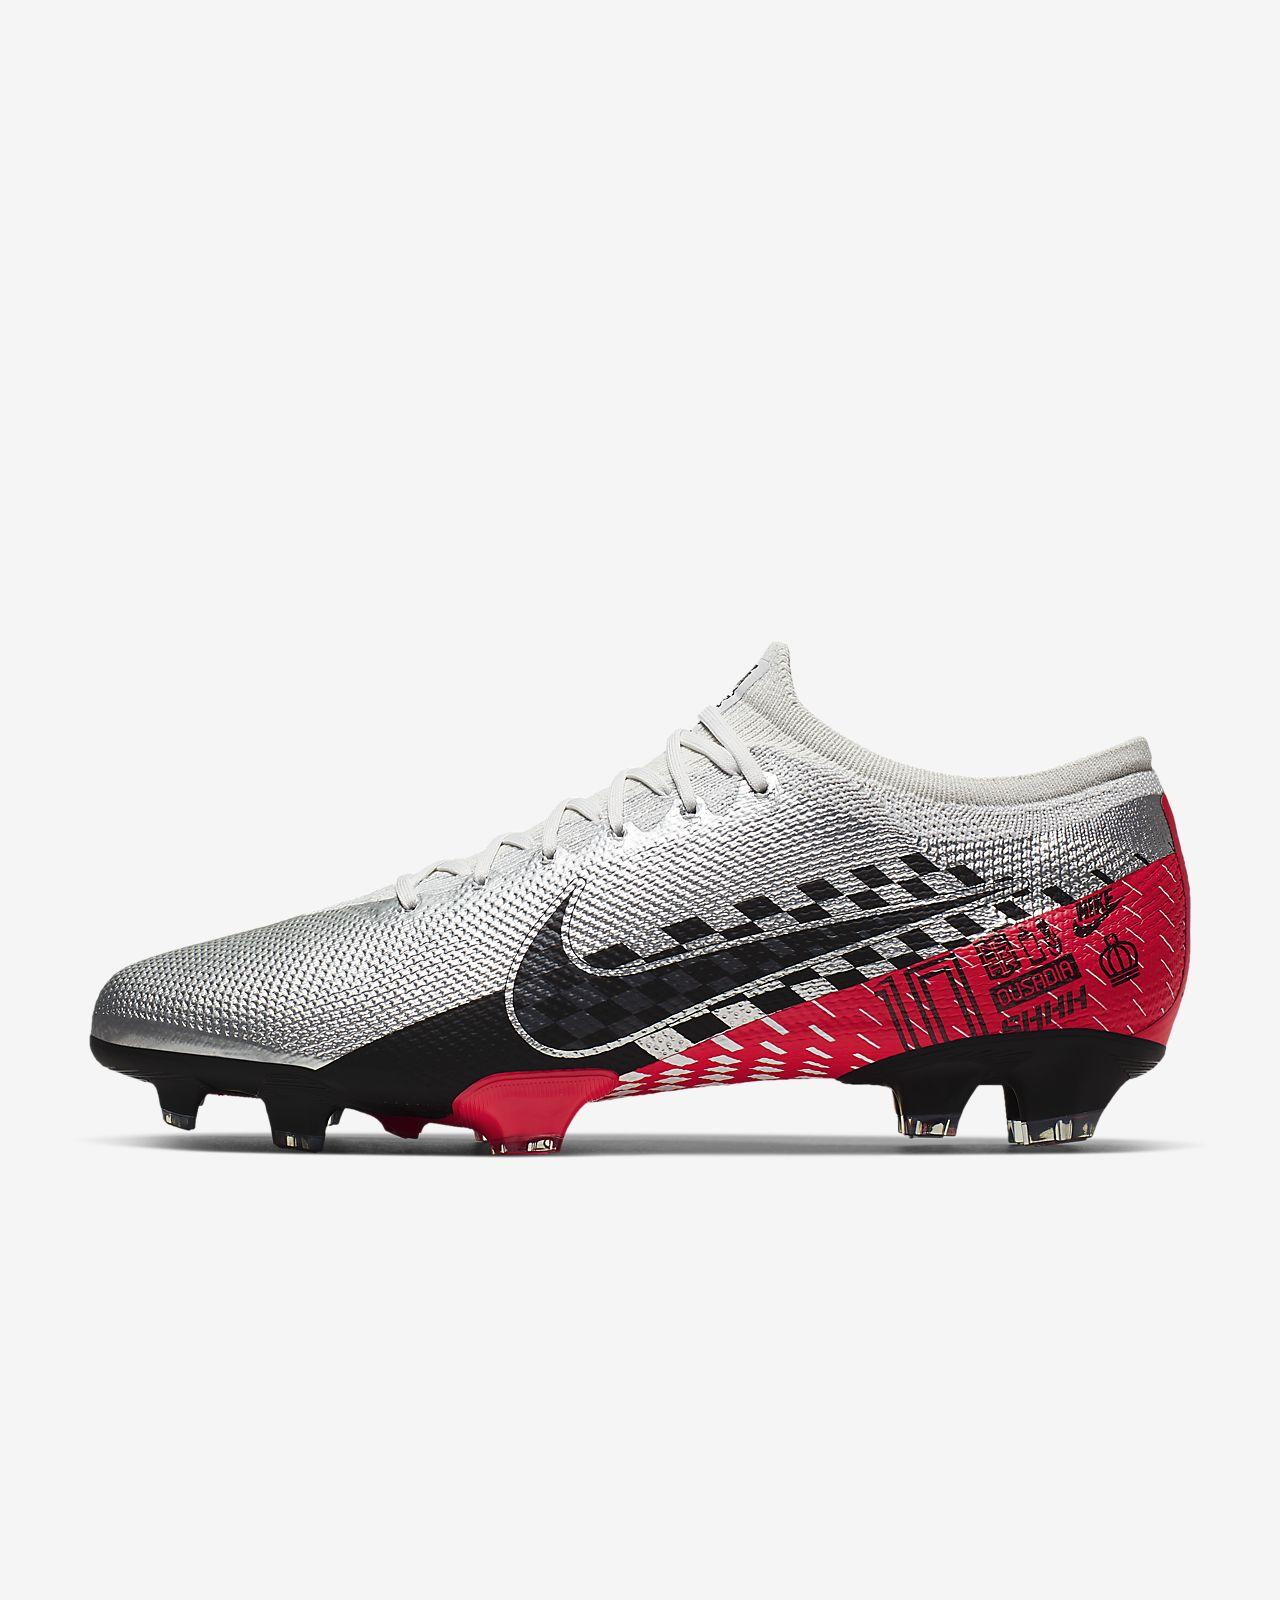 Chaussure de football à crampons pour terrain sec Nike Mercurial Vapor 13 Pro Neymar Jr. FG